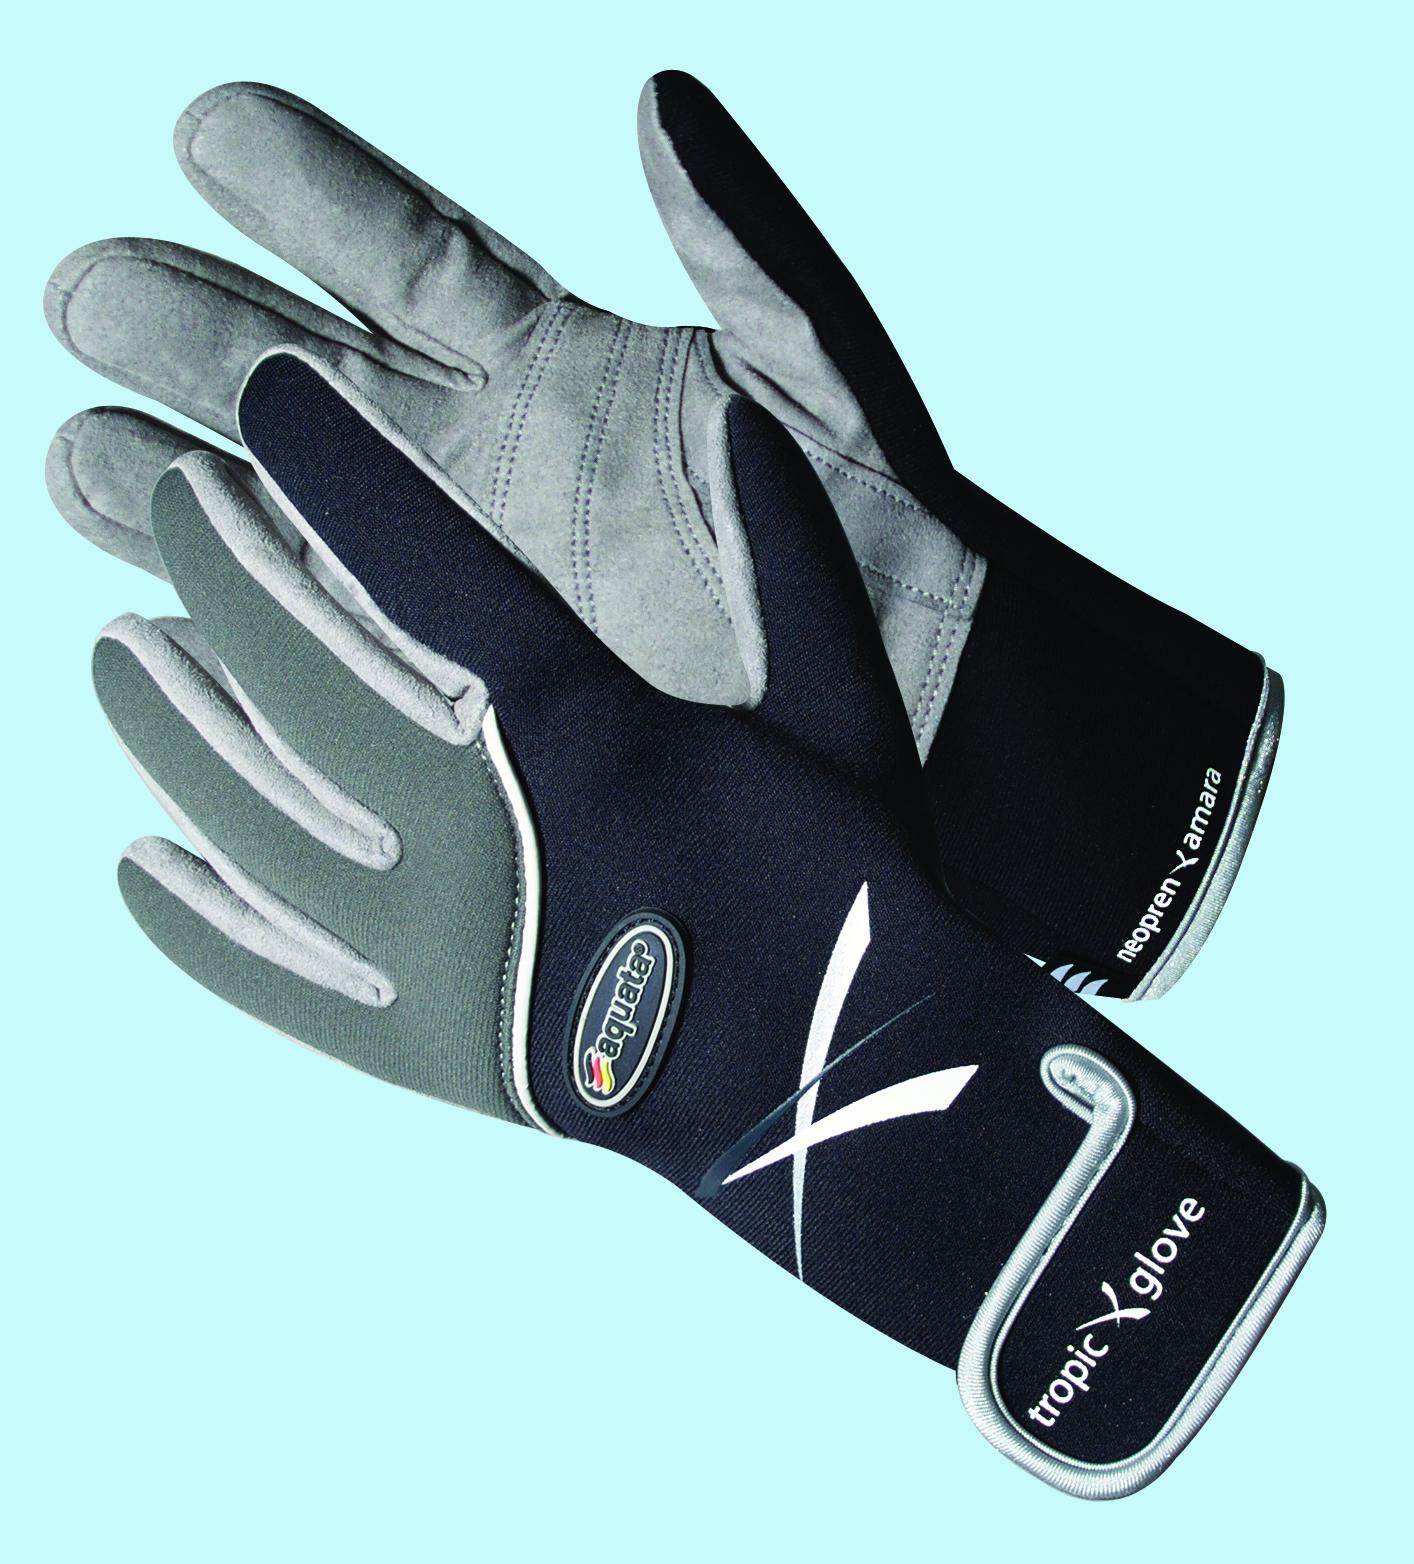 Tropen Tauchhandschuh, dünnes Neopren und Amara leder    Model  Tropic glove